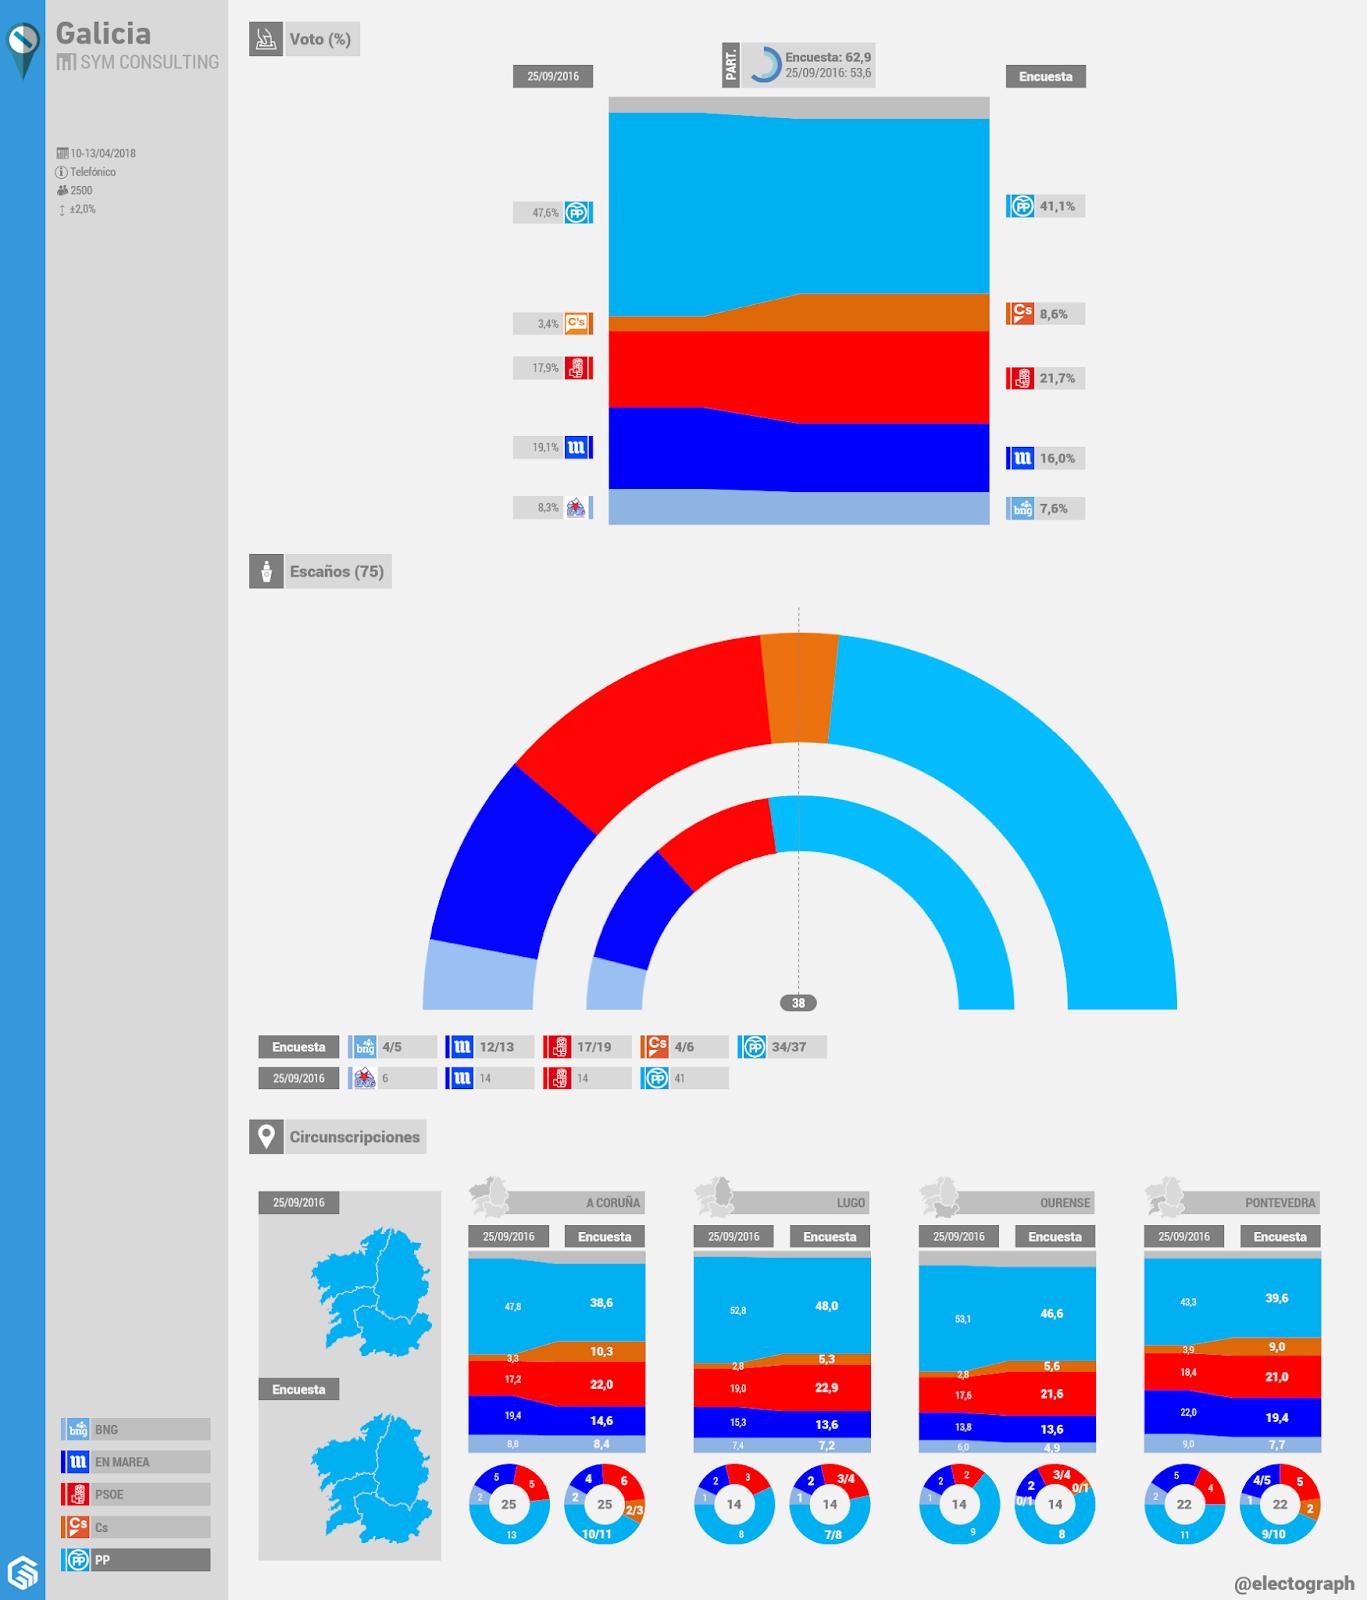 Gráfico de la encuesta para elecciones autonómicas en Galicia realizada por SyM Consulting en abril de 2018